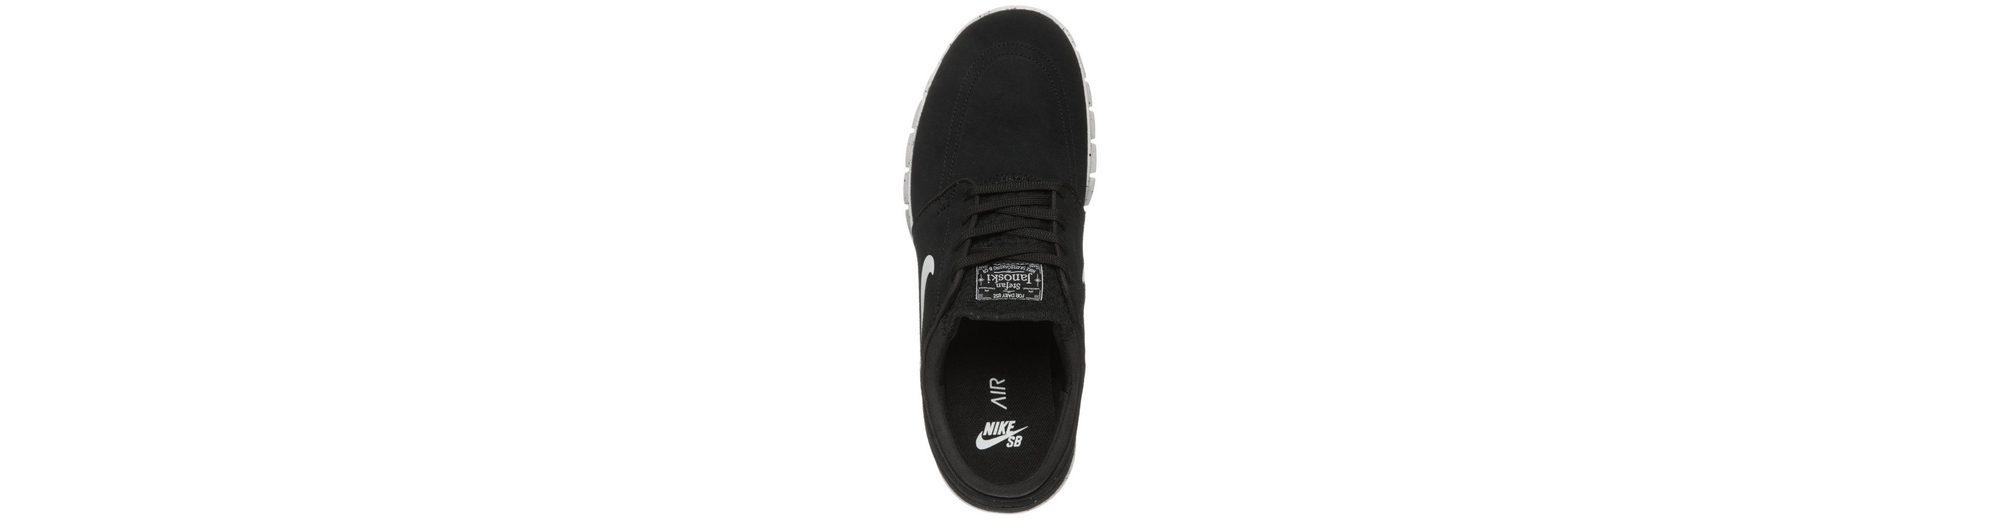 Nike SB Stefan Janoski Max Leather Sneaker Günstig Kaufen Zuverlässig 3afyG